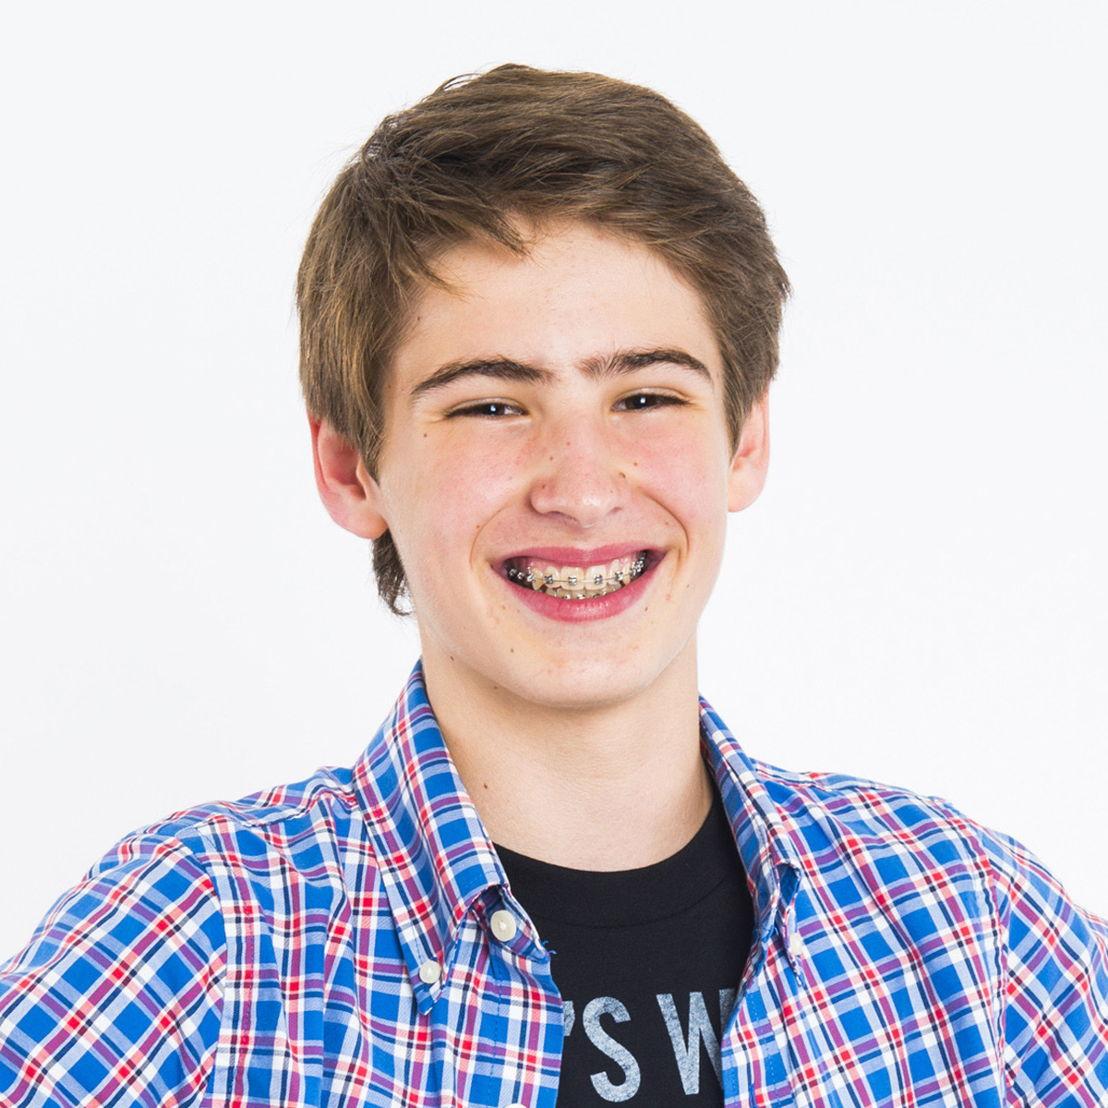 Junior Musical - Sheldon Demiddeleer - (c) VRT - Frederik Beyens